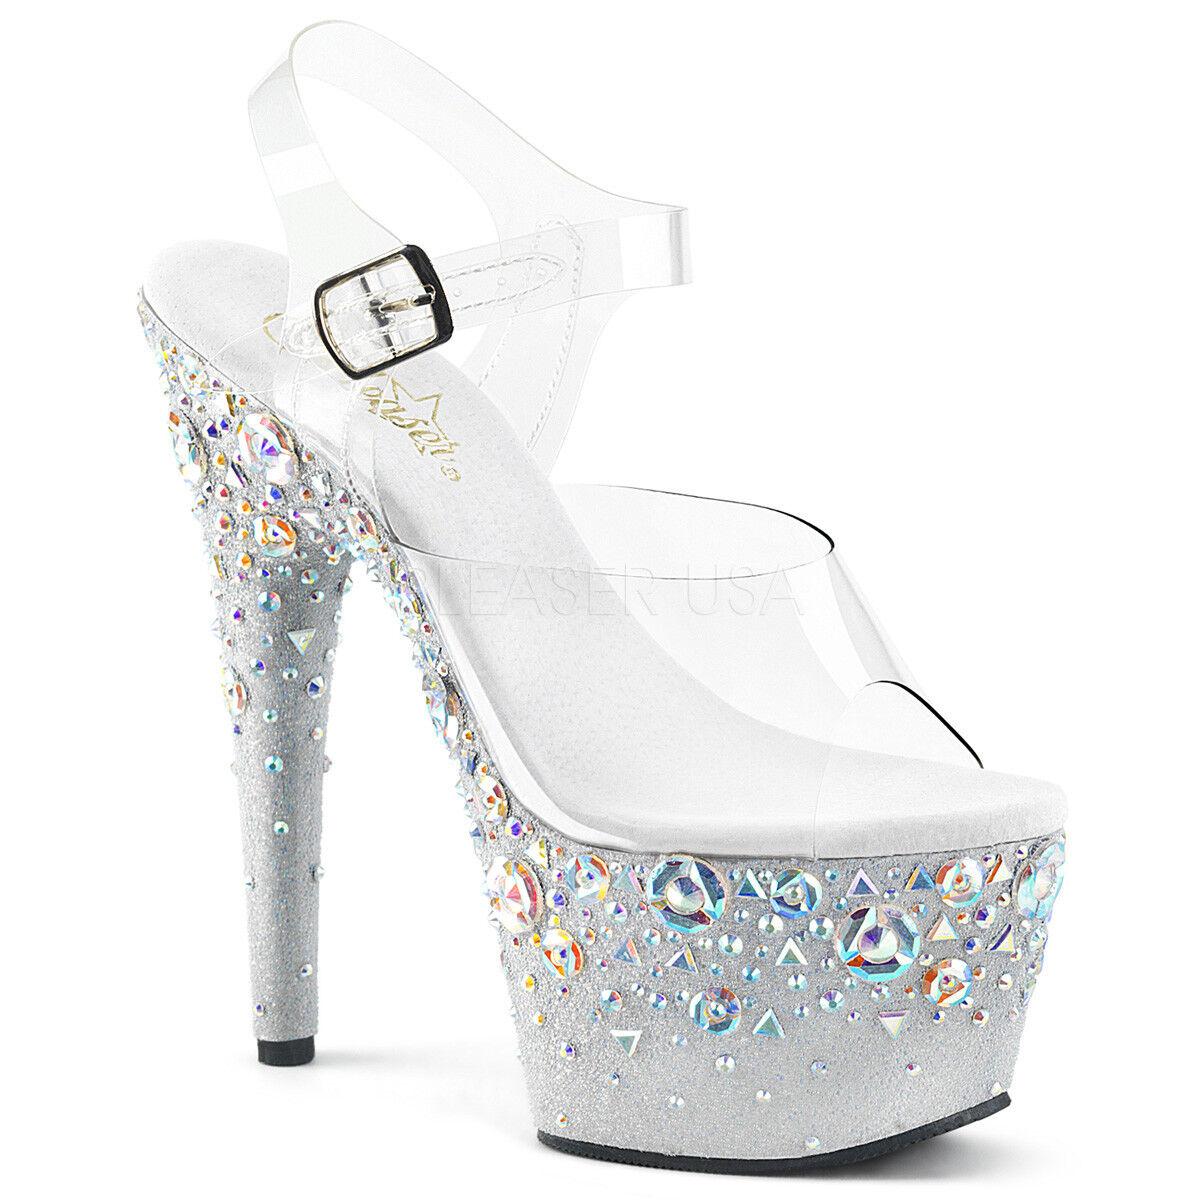 7 Pulgadas  Pulgadas 7 Negra Transparente Plataforma Tacones Stripper Pleaser zapatos Diamantes de Imitación Flores fe052c